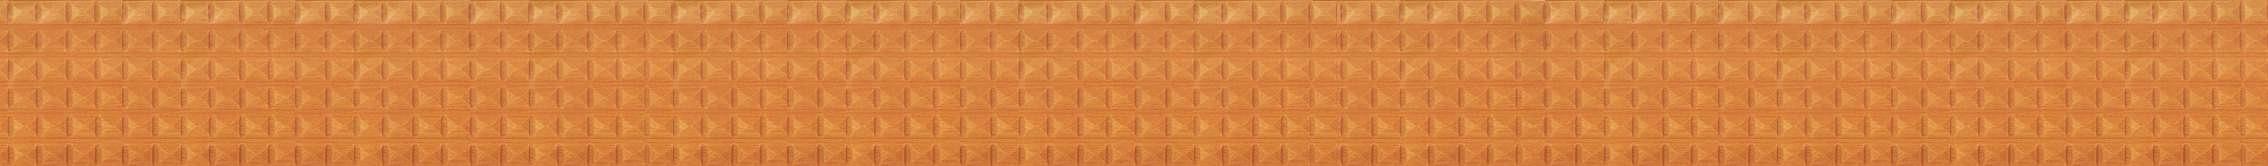 木线贴图素材的图片【595】